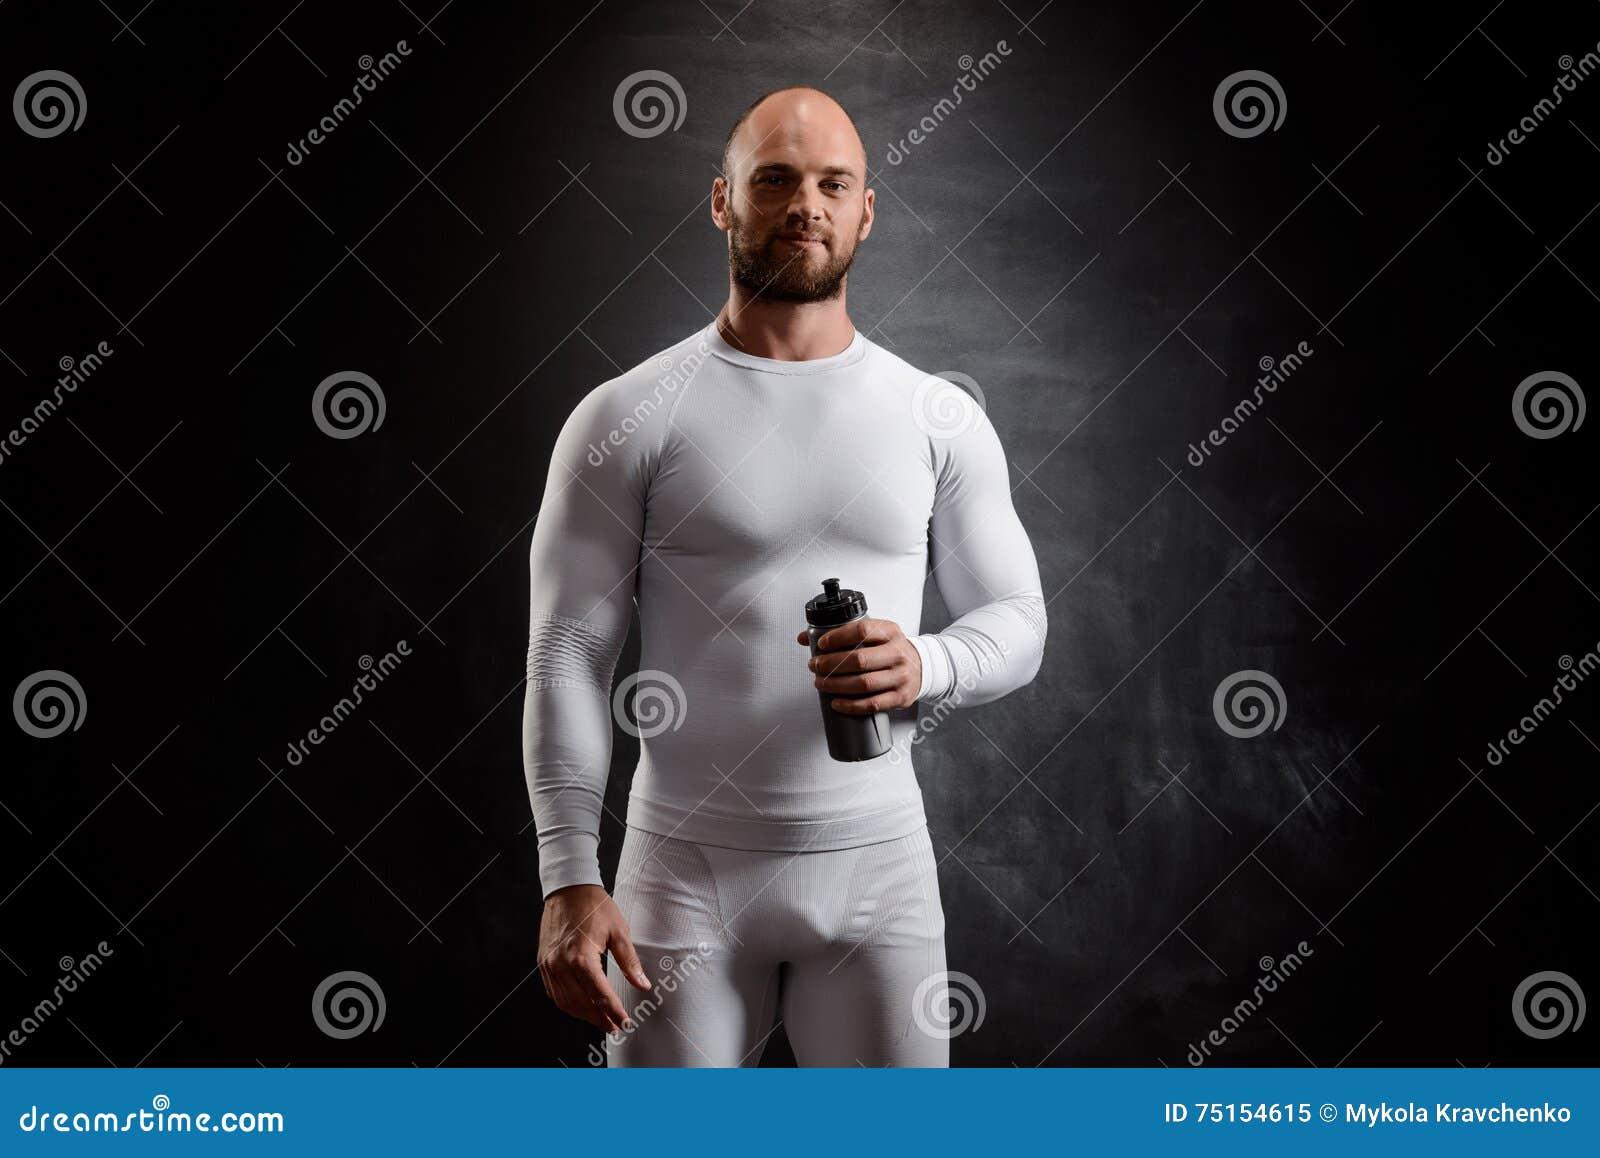 Młody potężny sportowiec w białej odzieży nad czarnym tłem